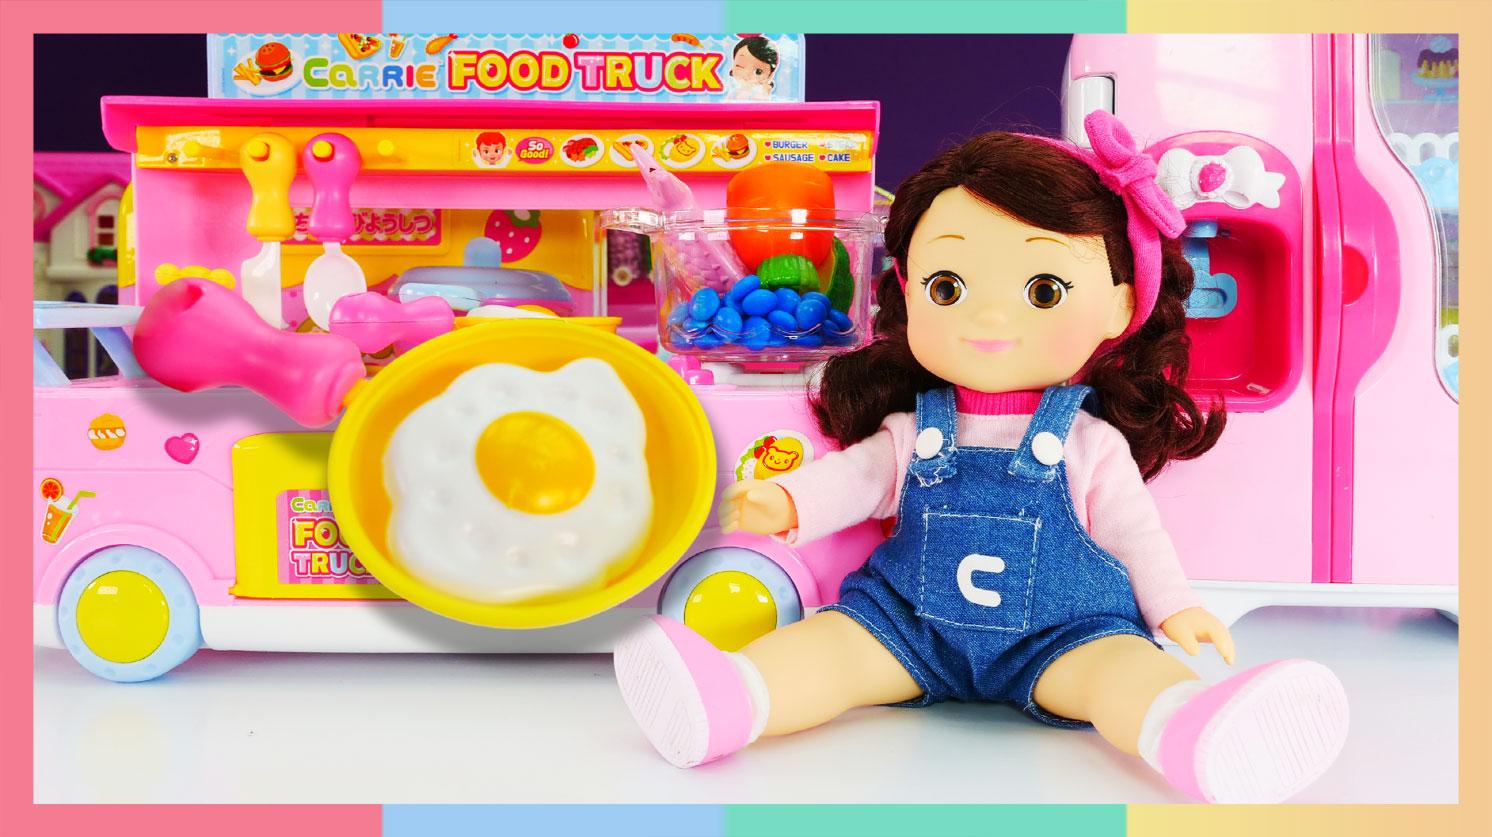 今天吃什么?去凯利厨房看看吧   凯利和玩具朋友们 CarrieAndToys